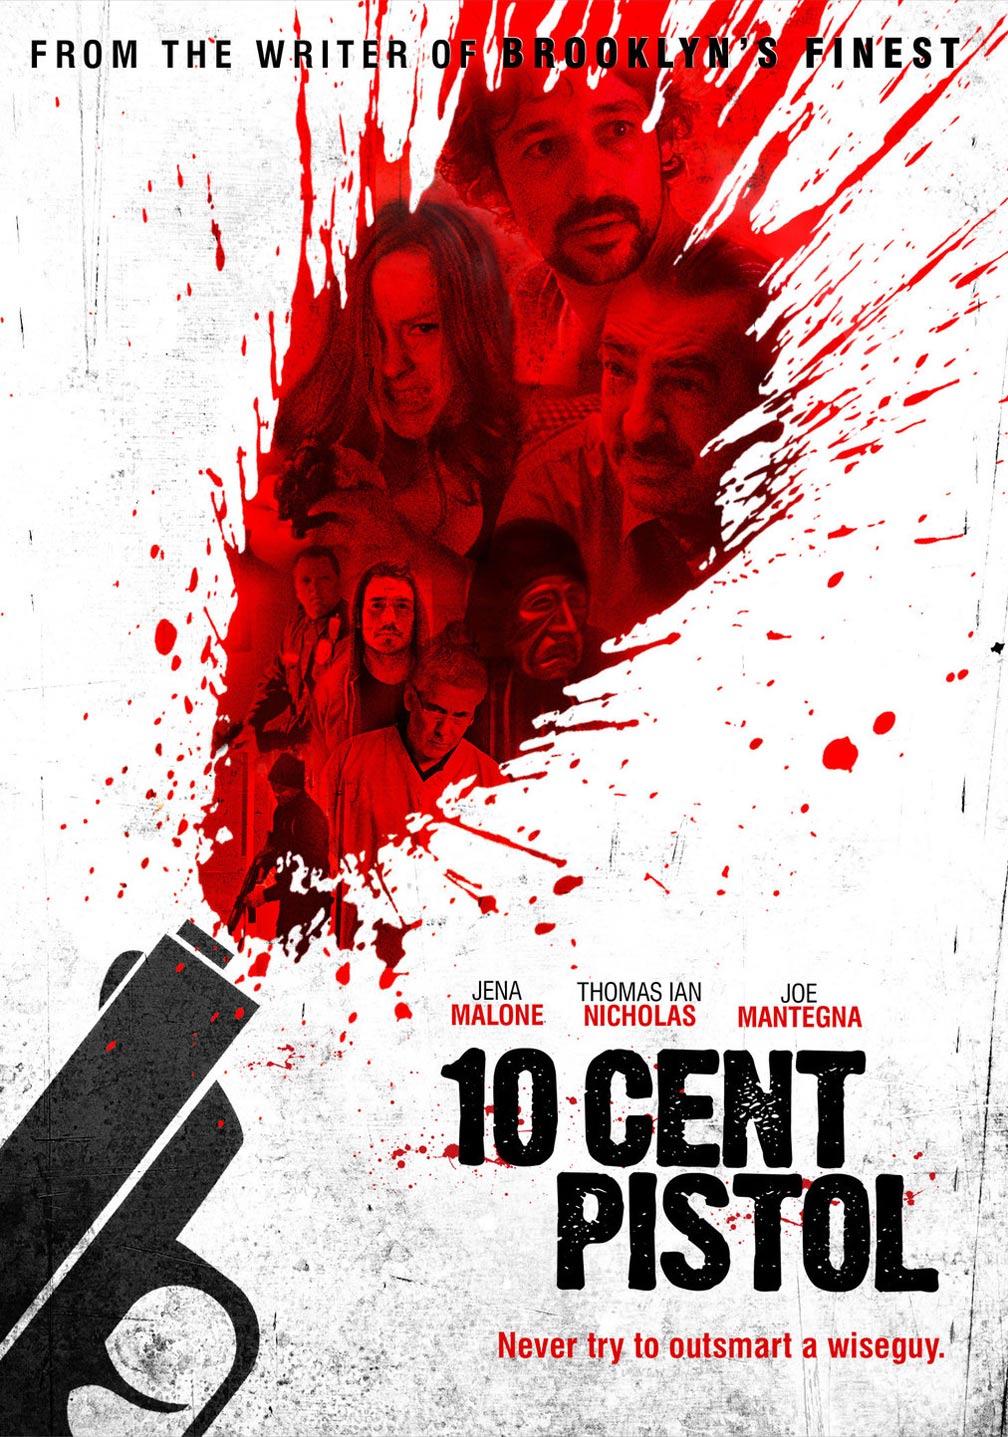 10 Cent Pistol Poster #1